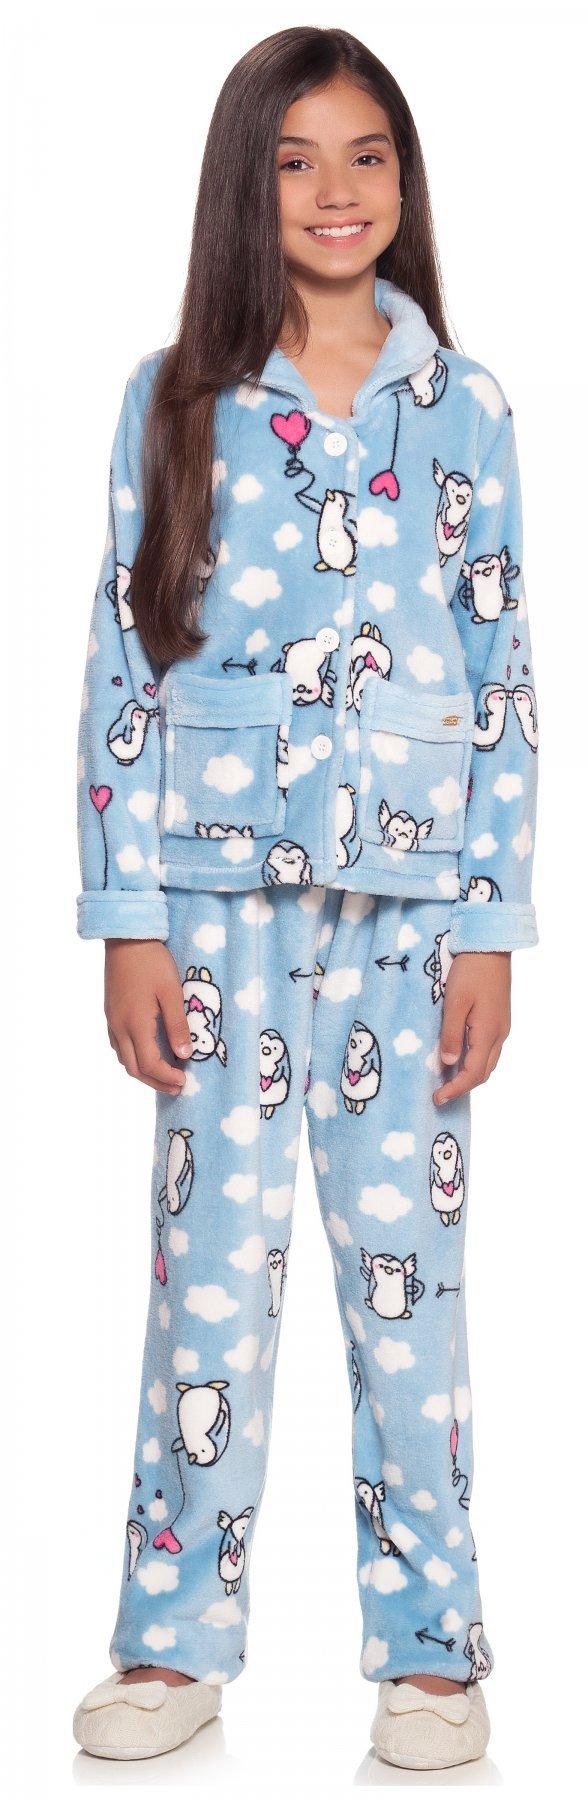 Pijama Soft Infantil Pingu Inverno 2017